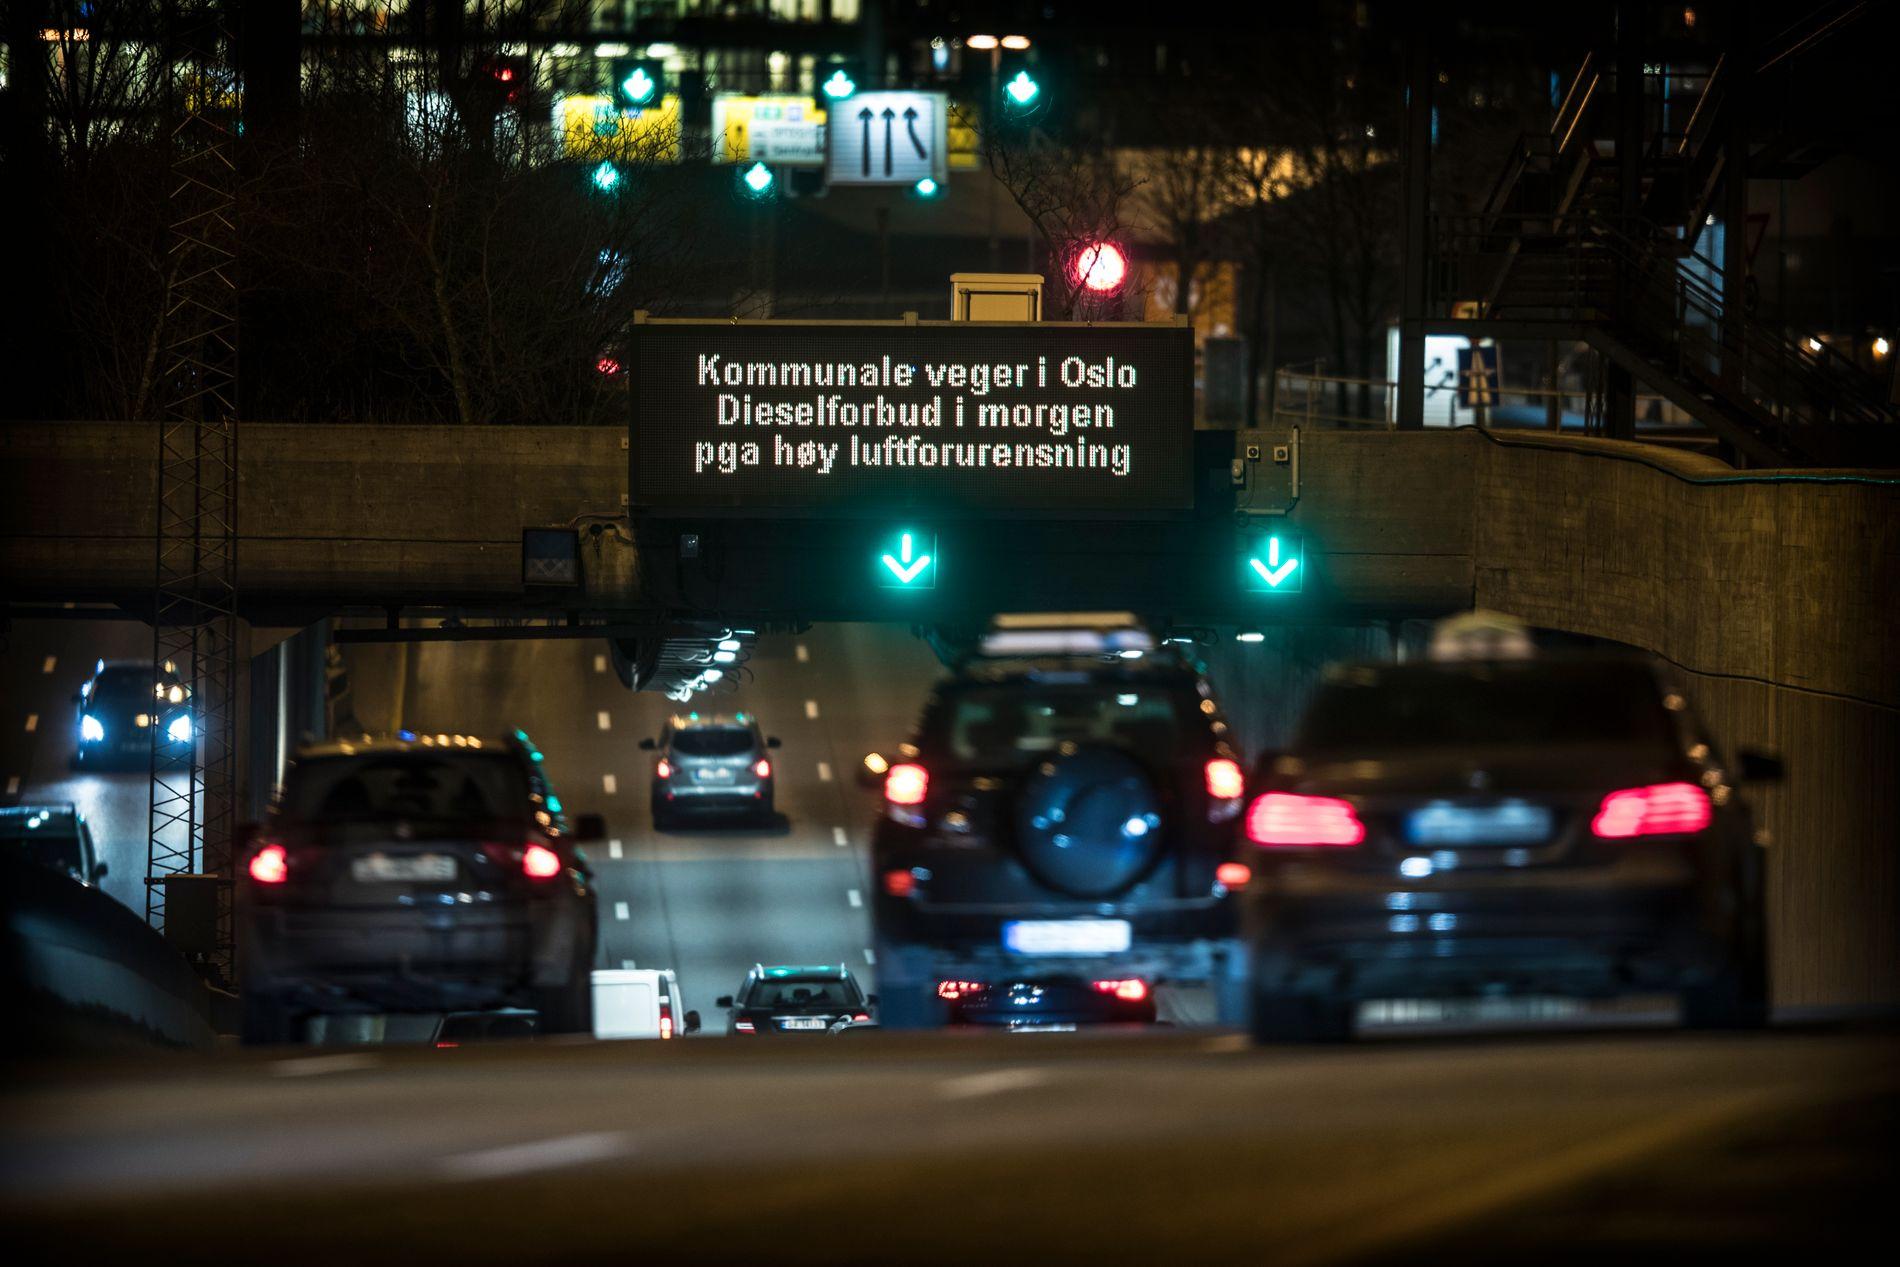 VARTE IKKE LENGE: Det midlertidige dieselforbudet i Oslo er opphevet, opplyser Bymiljøetaten.